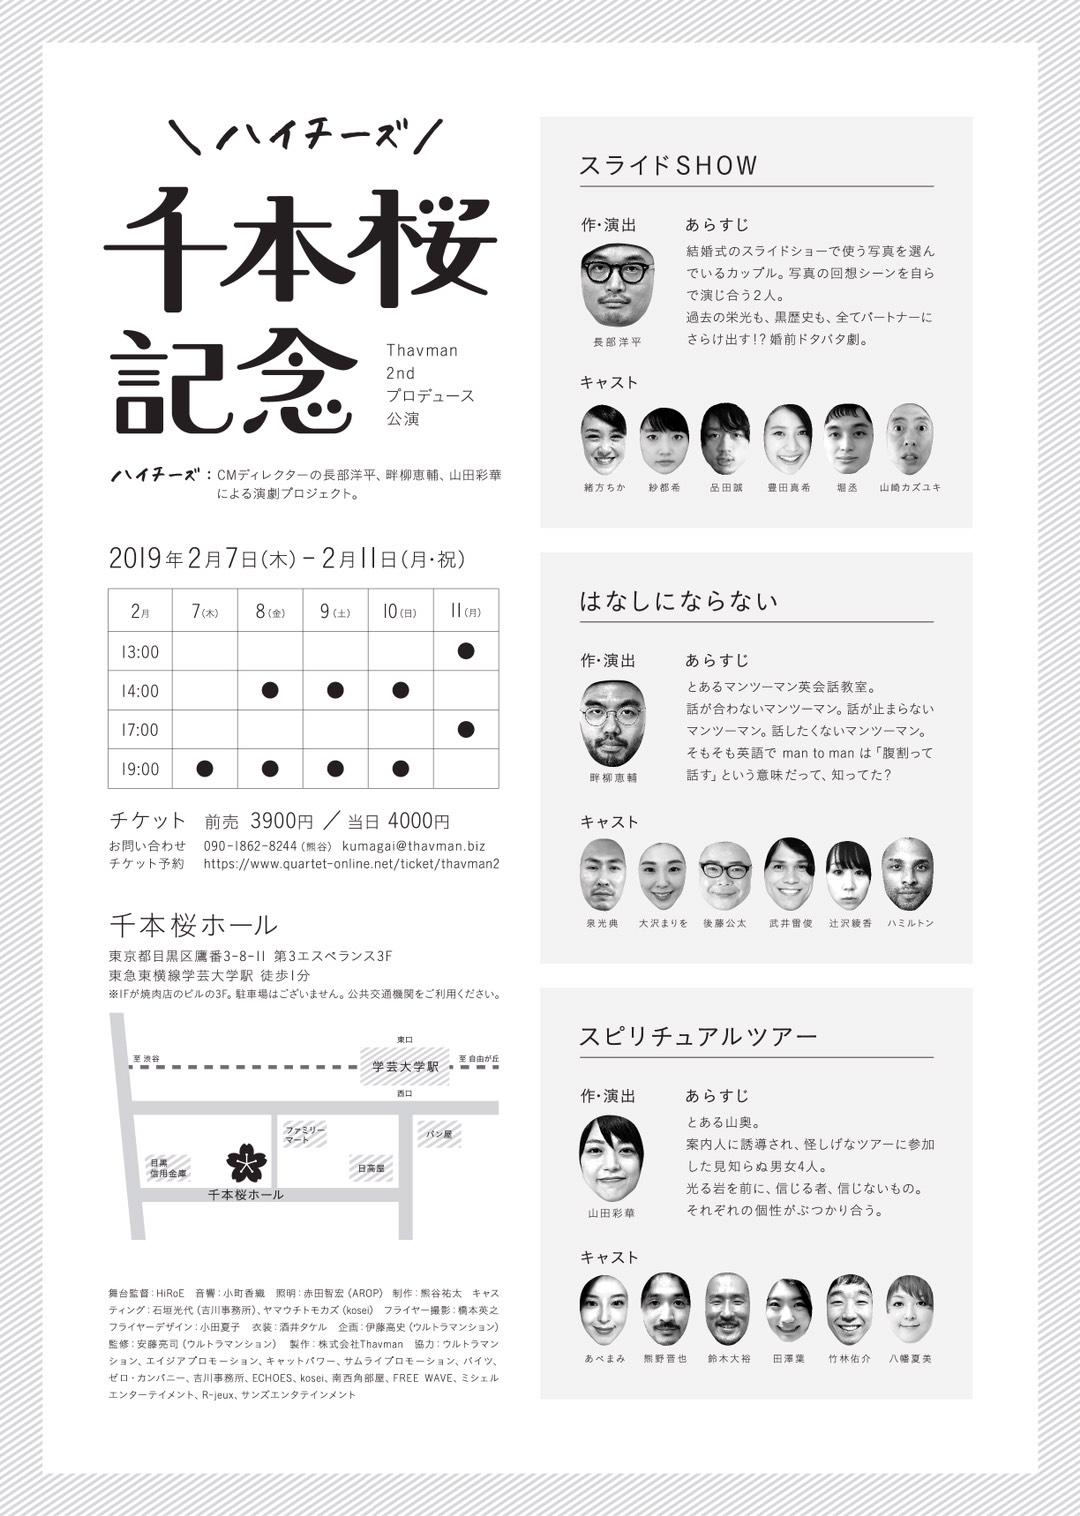 http://yamazaki-kazuyuki.com/hicheese_02.JPG